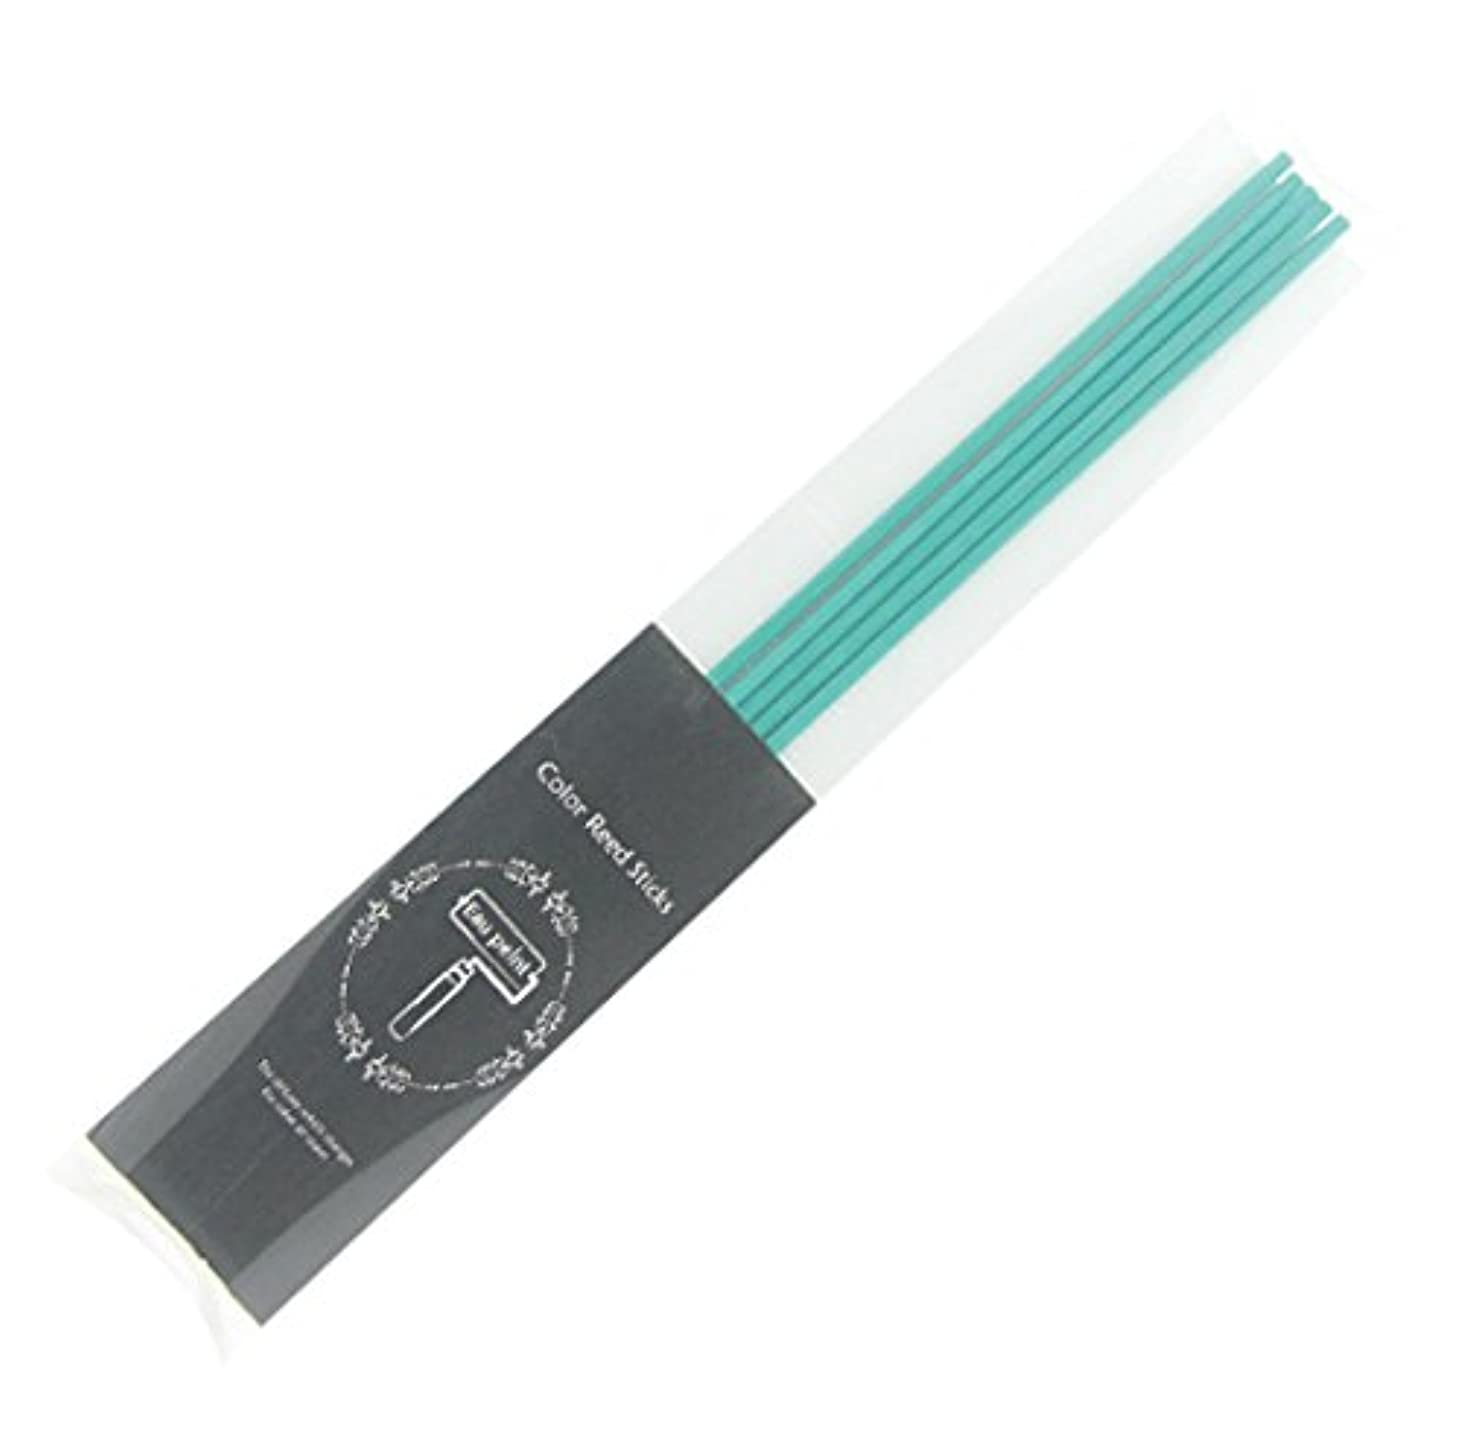 弁護引っ張るヘッドレスEau peint mais+ カラースティック リードディフューザー用スティック 5本入 ターコイズ Turquoise オーペイント マイス